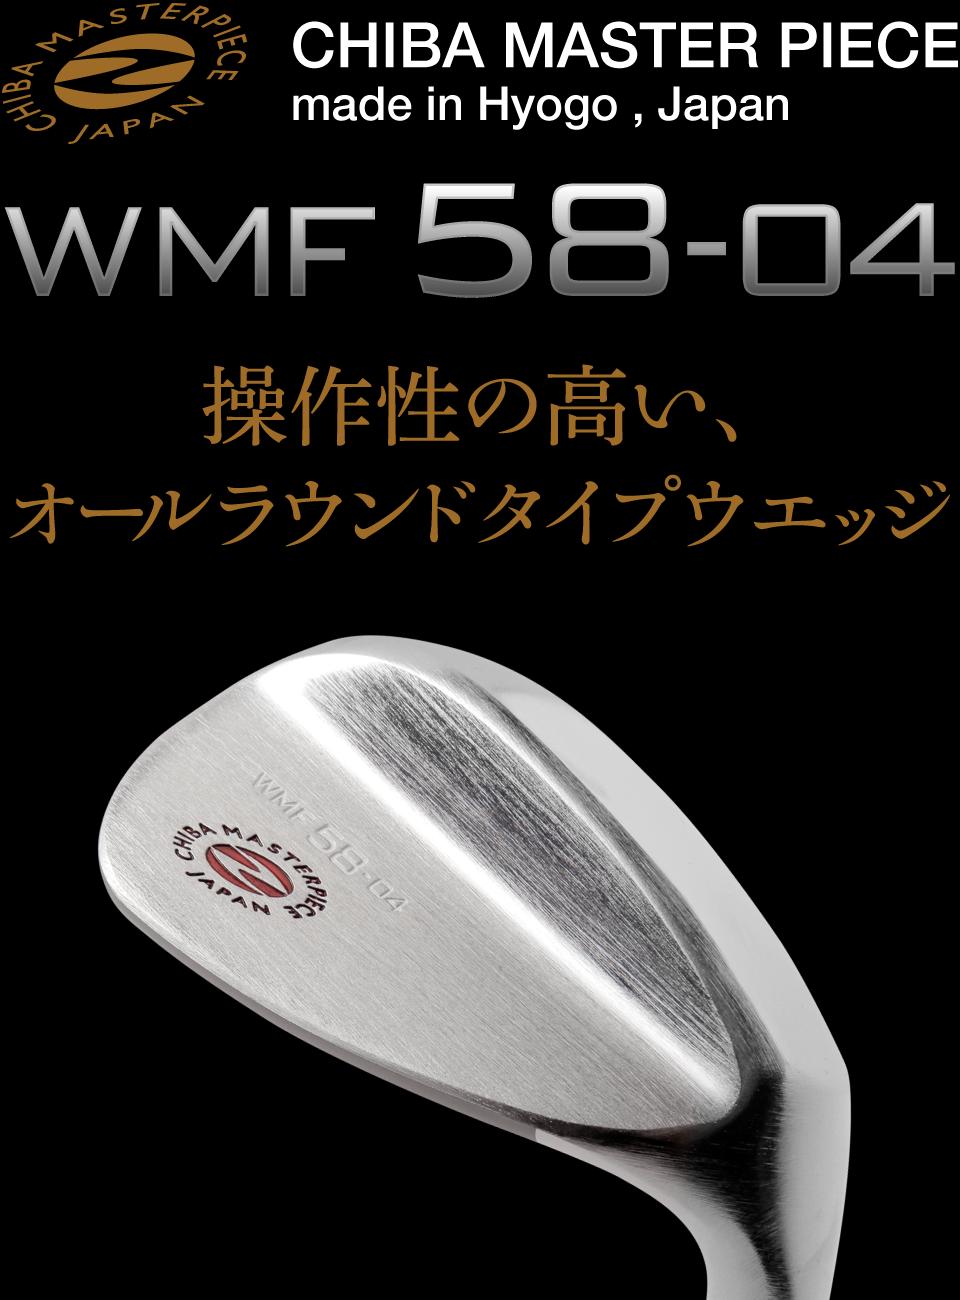 操作性の高い、オールラウンドタイプウエッジ WMF58-04